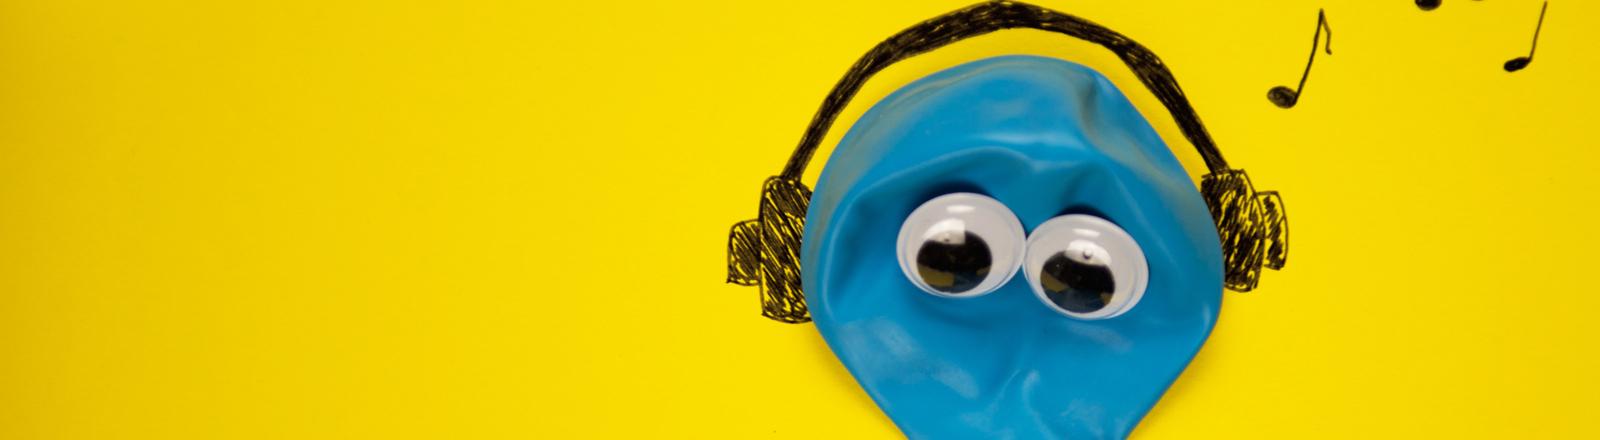 Blauer Luftballon mit Augen und Kopfhörern